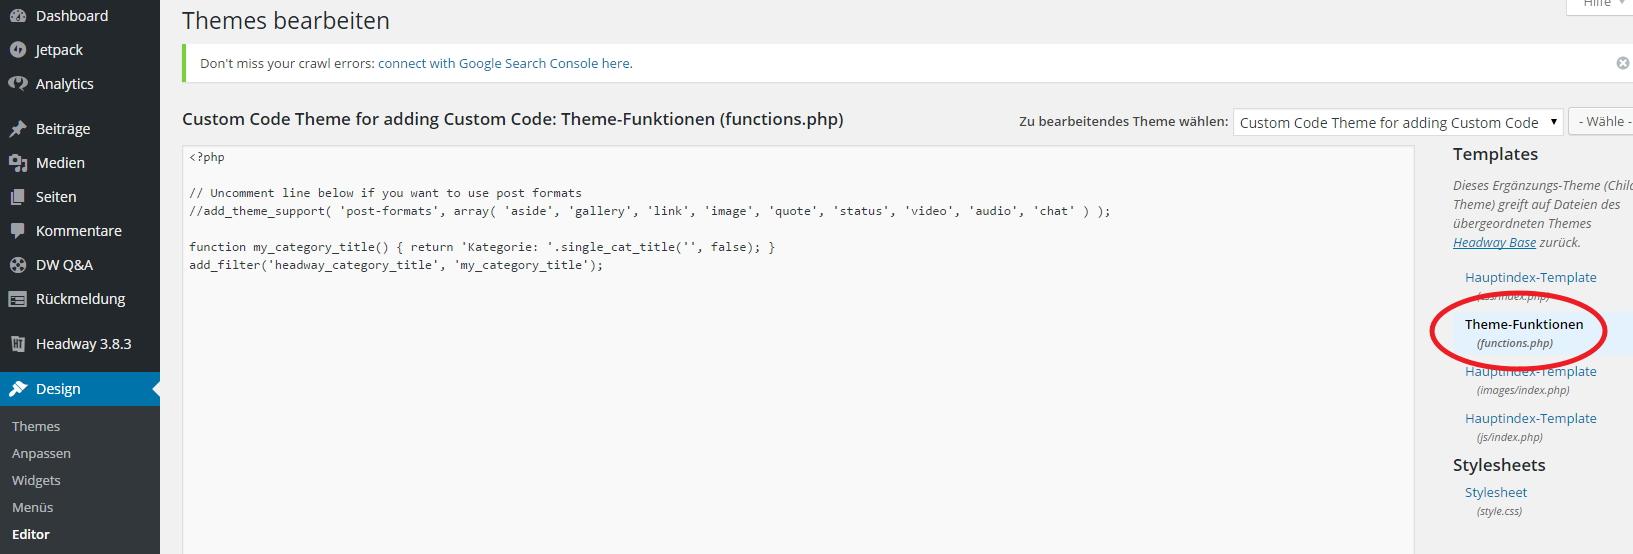 Die functions.php bearbeiten